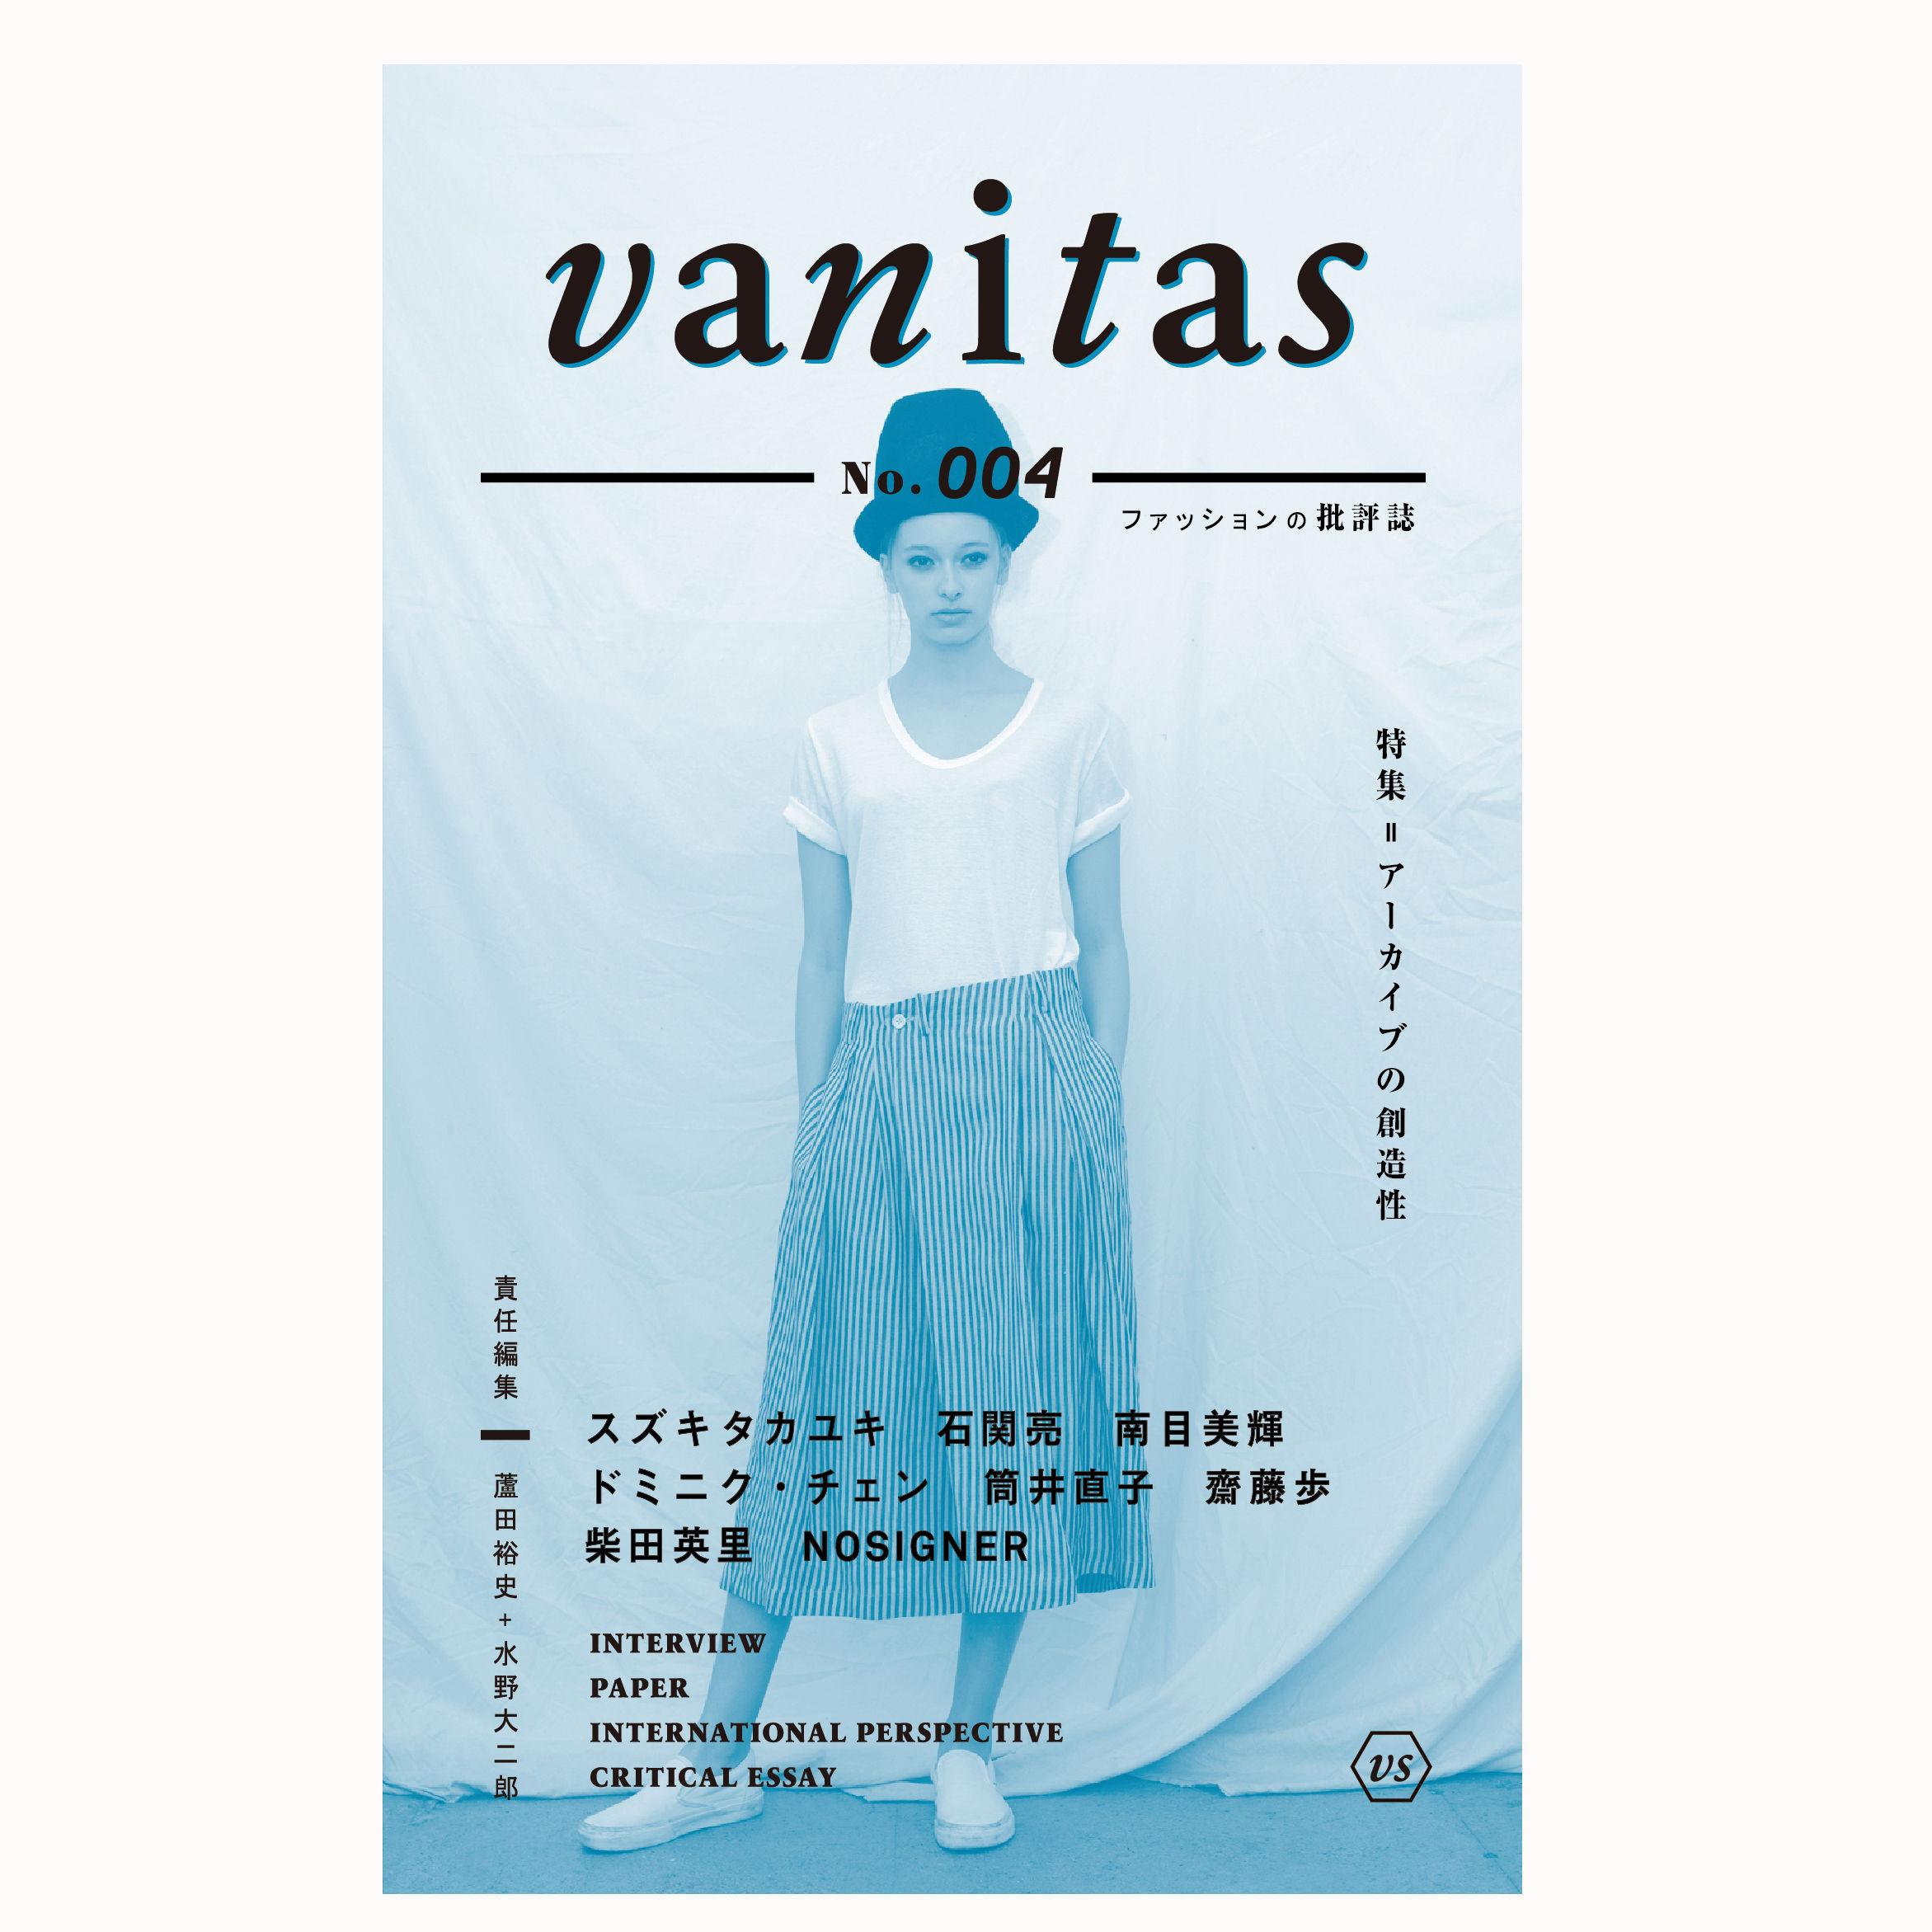 蘆田裕史・水野大二郎(編)『vanitas No. 004』  vanitas: Fashion Critique Magazine, No. 004